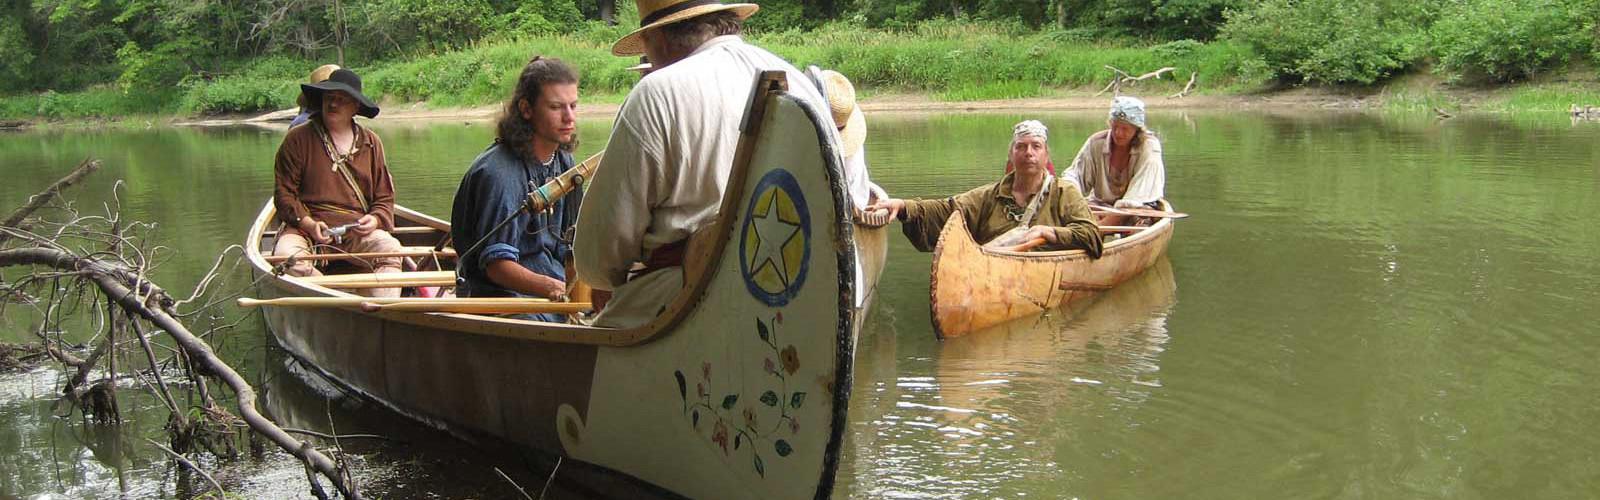 Wasaga Under Siege: River Run, 2011